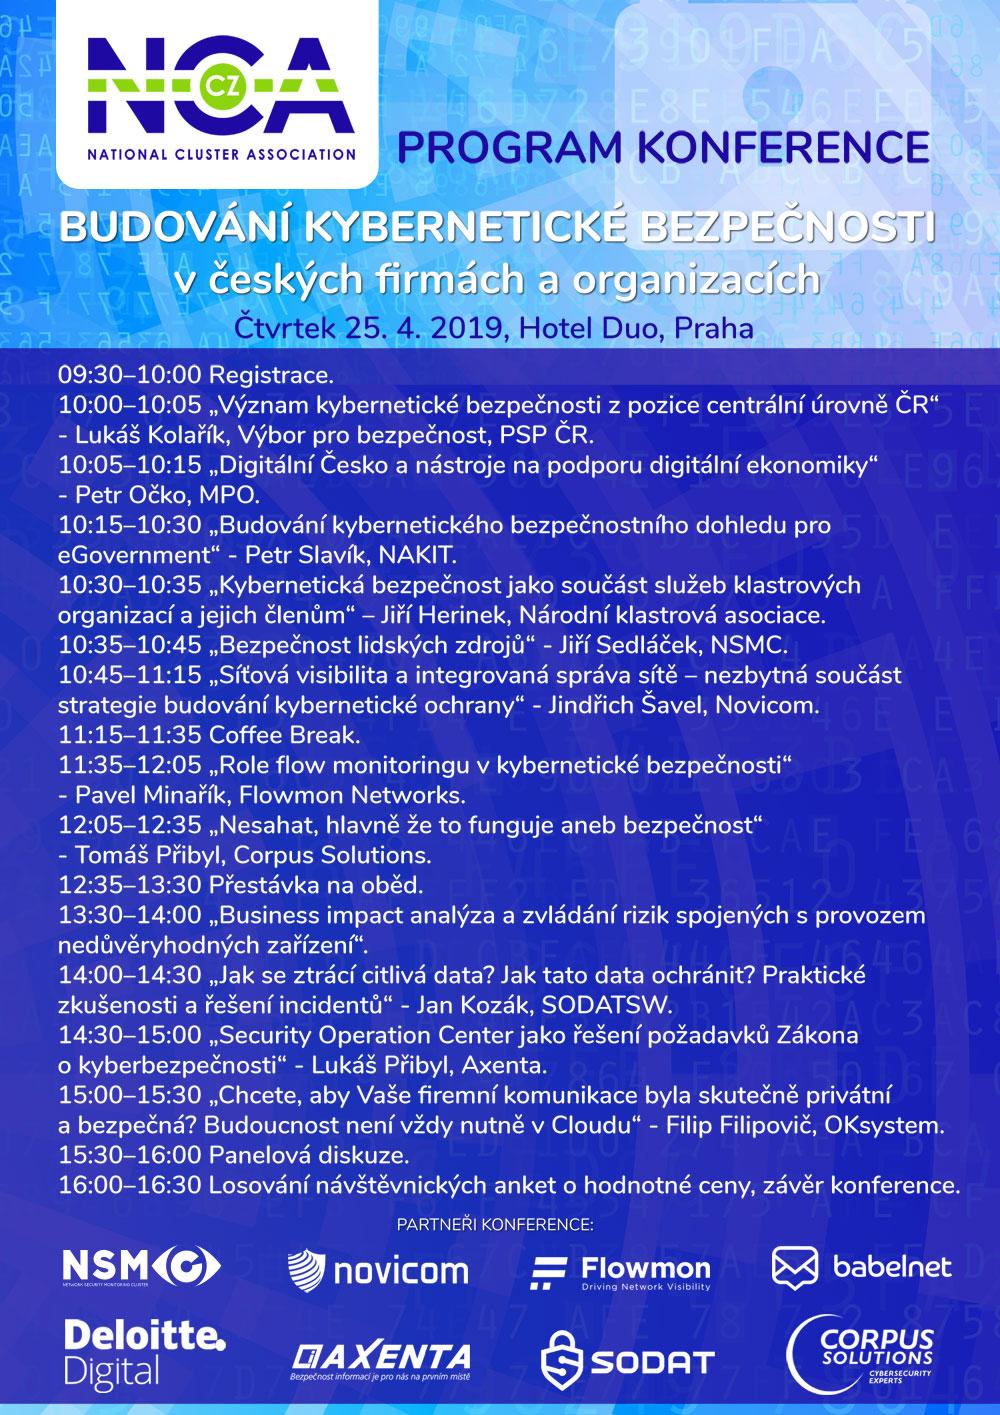 Budování kybernetické bezpečnosti @ Hotel Duo, Praha